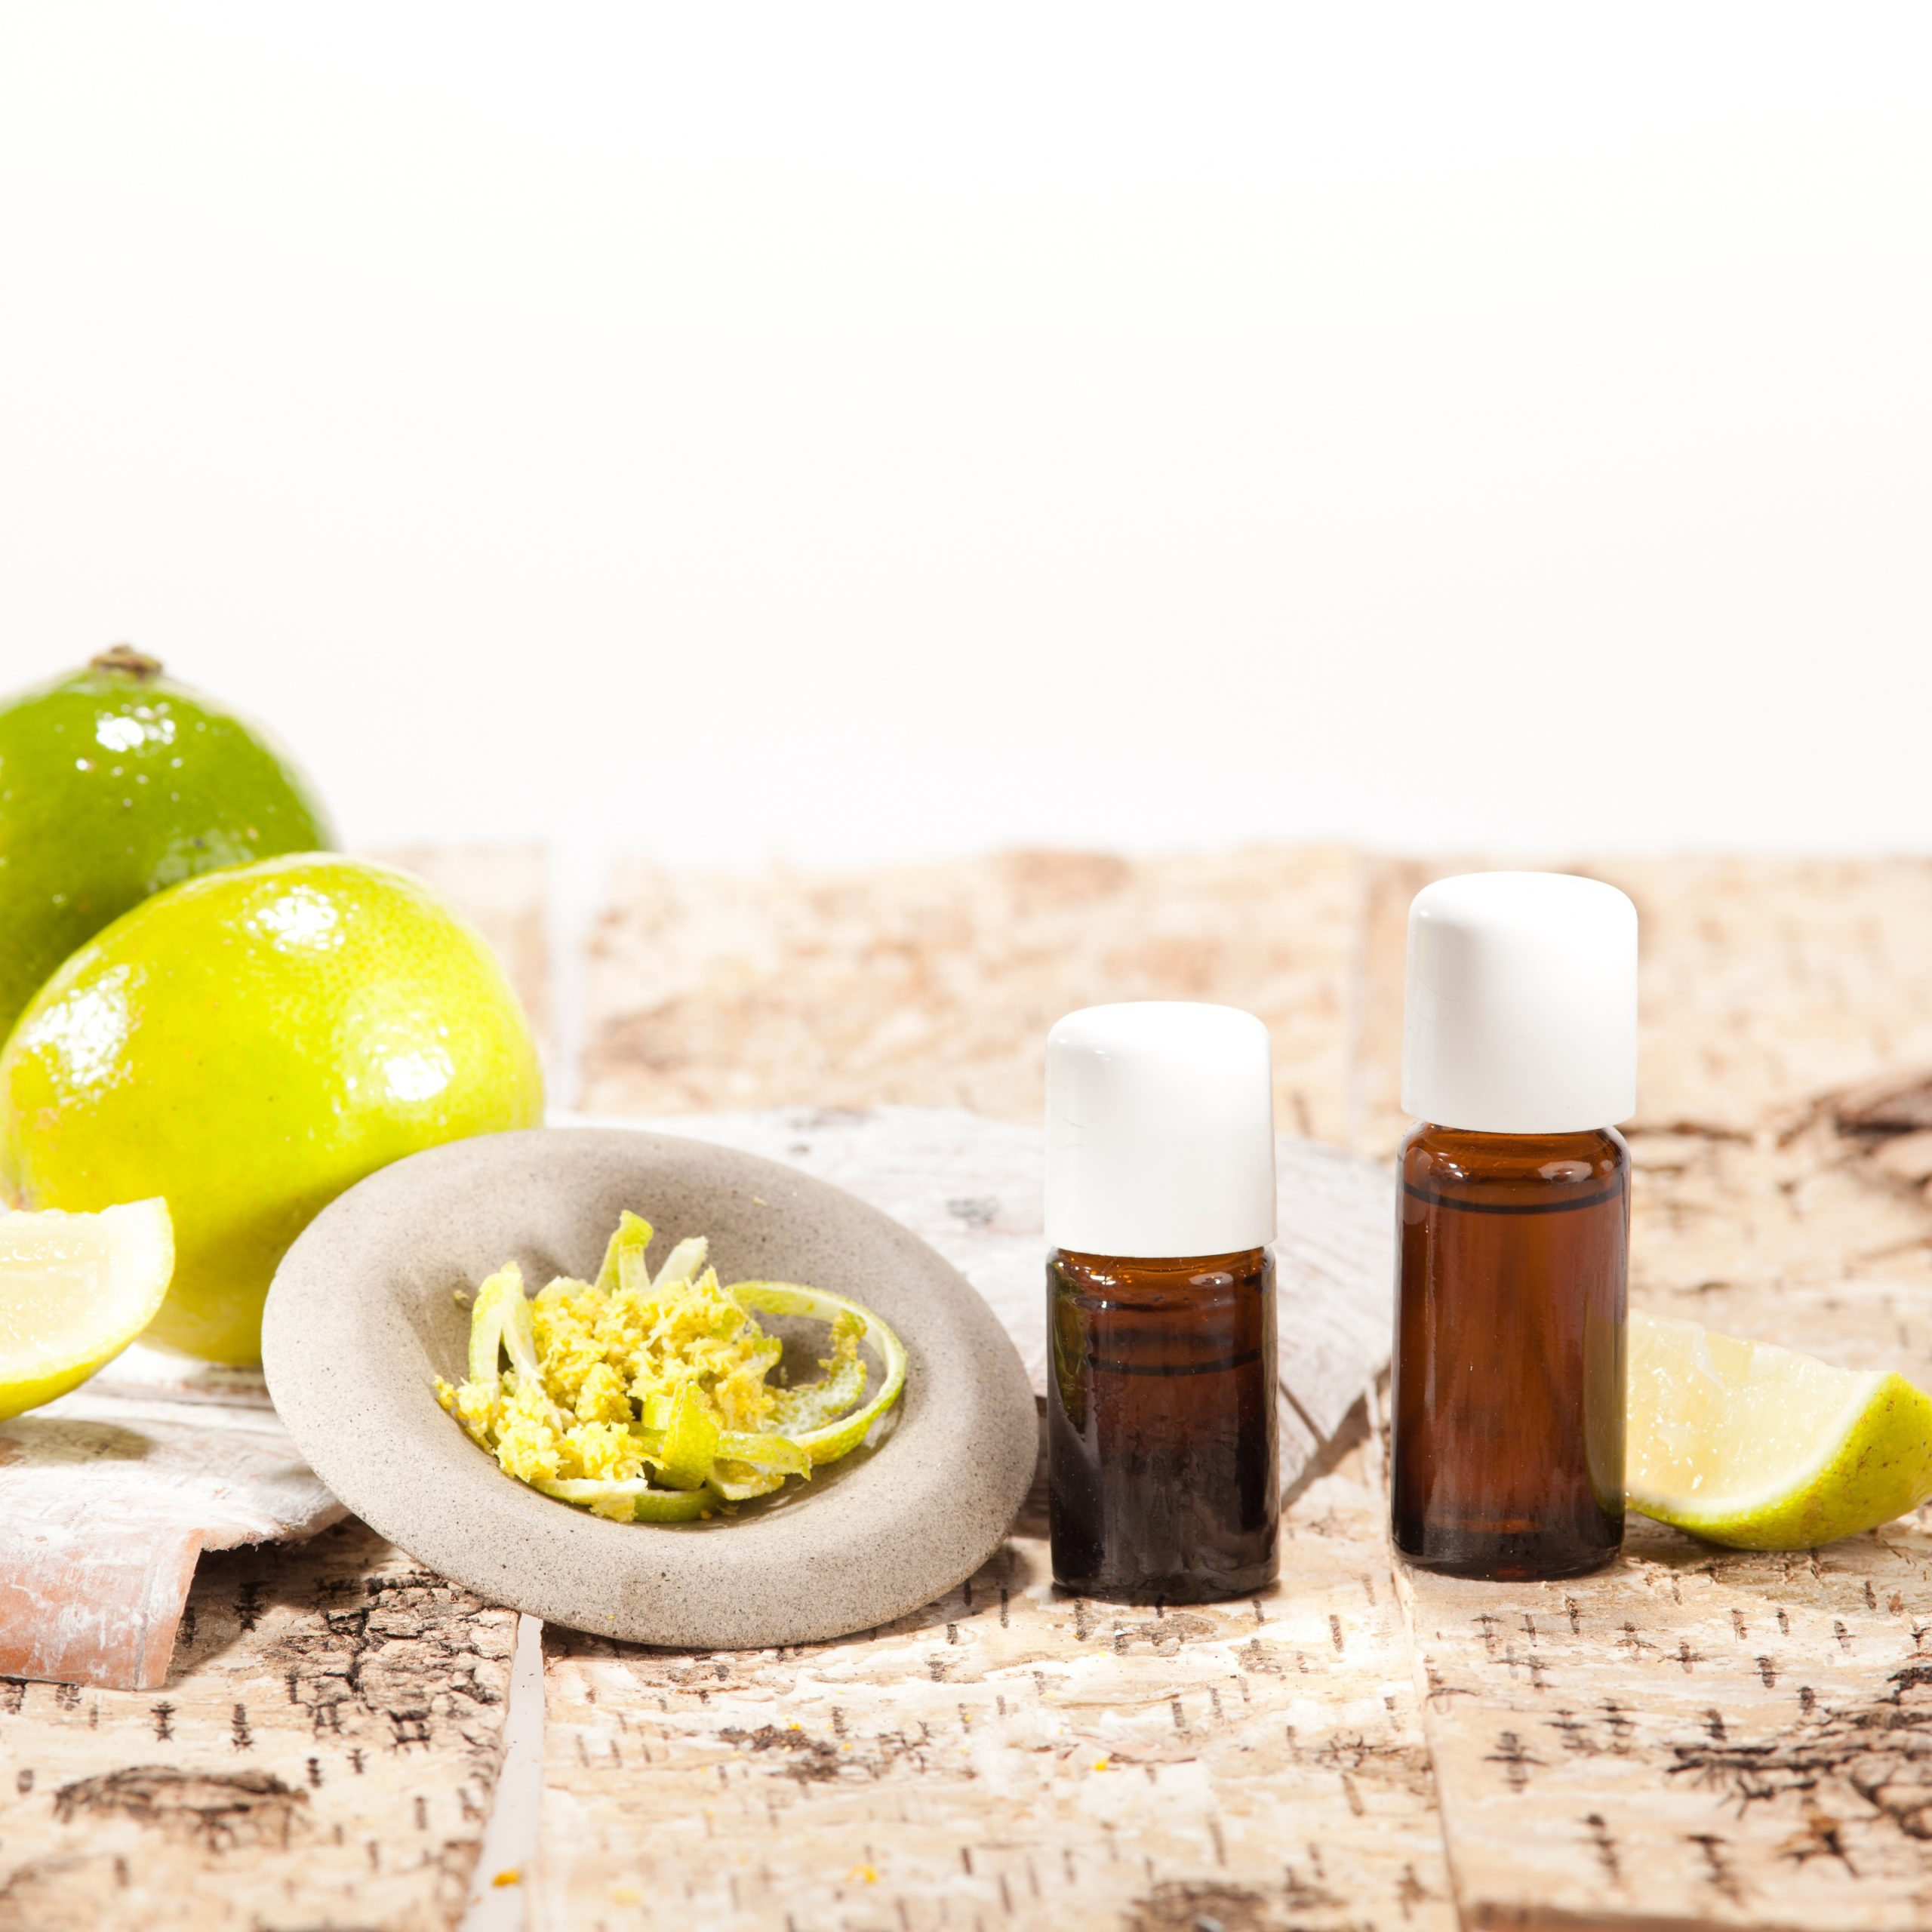 Die Aromatherapie ist eine sanfte und sehr vielseitige ganzheitliche Therapiemethode, die mit Hilfe von ätherischen Ölen das körperliche und seelische Wohlbefinden beeinflusst.